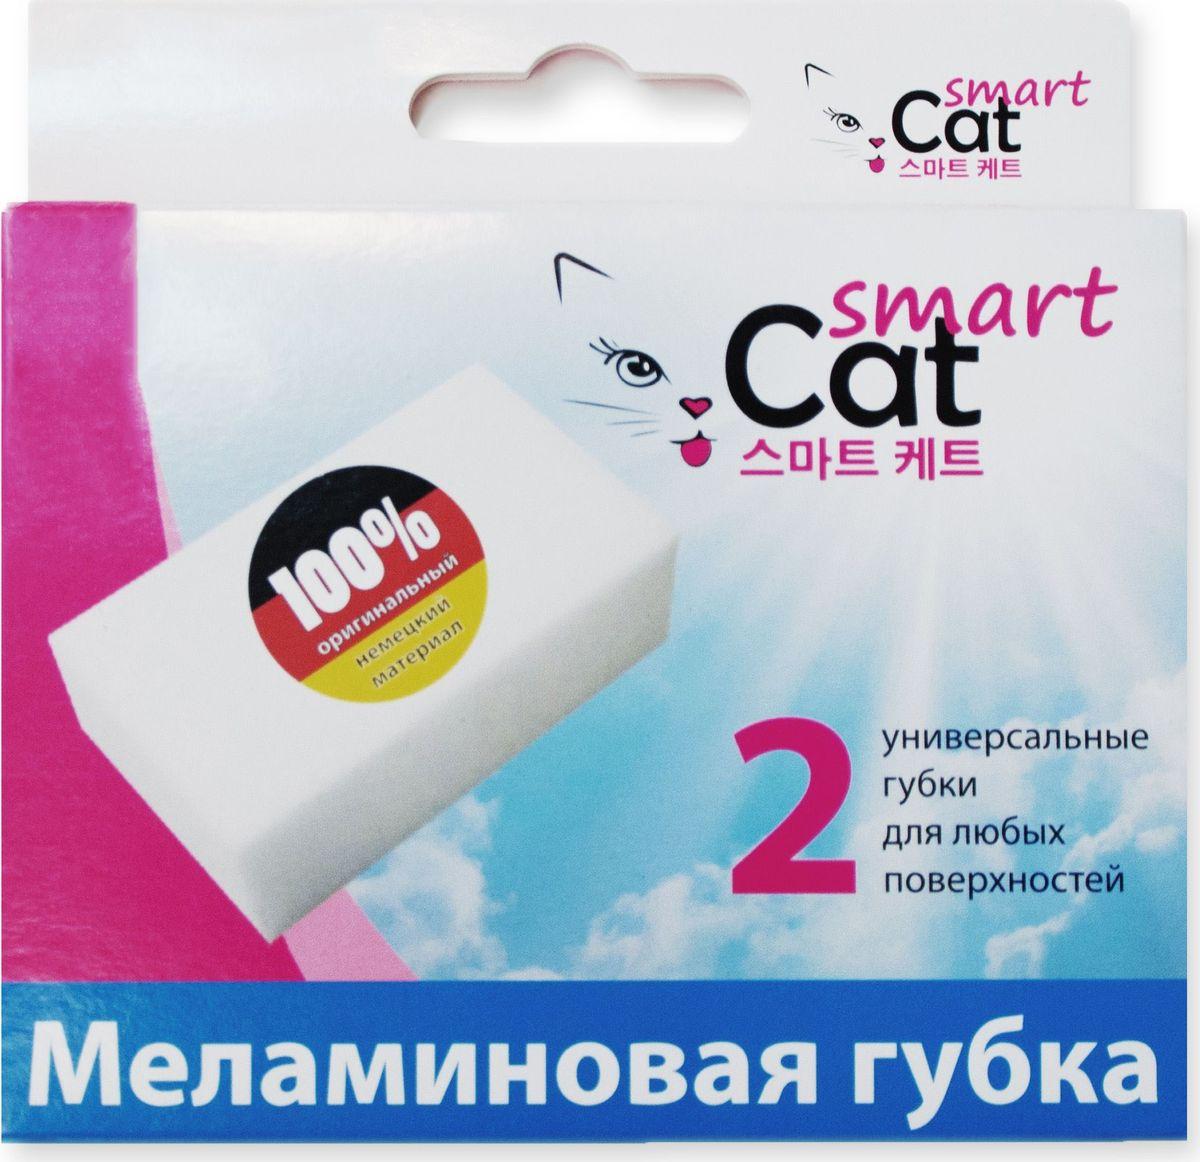 Губка меламиновая Smart CAT, 9 х 6 х 2,5см, 2 штSC9622Меламиновая губка-ластик Smart CAT - это абсолютно новое слово в уборке вашего дома. Губка легко, бережно, а главное быстро удаляет загрязнения со многих поверхностей, таких как стекло, керамика, сталь, алюминий, хром, пластик, дерево, водостойкие обои, кожаная мебель.Губка-ластик прекрасно справляется с бытовыми загрязнениями на кухне и в ванне, на бытовой технике и электронике, в салоне автомобиля.Меламиновая губка-ластик Smart CAT работает абсолютно не так, как привычные нам химические моющие средства. Губка-ластик Smart CAT моет без использования химических средств, все что нужно - это смочить ее в теплой воде и протереть загрязнение. Благодаря особой структуре открытых ячеек, губка-ластик захватывает грязь и легко удаляет ее, словно ластик, стирая с поверхности загрязнения. Материал, из которого изготовлена губка-ластик Smart CAT, отвечает самым высоким стандартам безопасности и сертифицирован по OKO-TEX Standard 100 в I классе продуктов (продукты, которые при использовании по назначению большей частью своей поверхности контактируют непосредственно с кожей, в том числе изделия для детей от 0 до 3 лет), что позволяет использовать губку-ластик для чистки детской мебели и игрушек и людям, склонным к аллергическим реакциям.